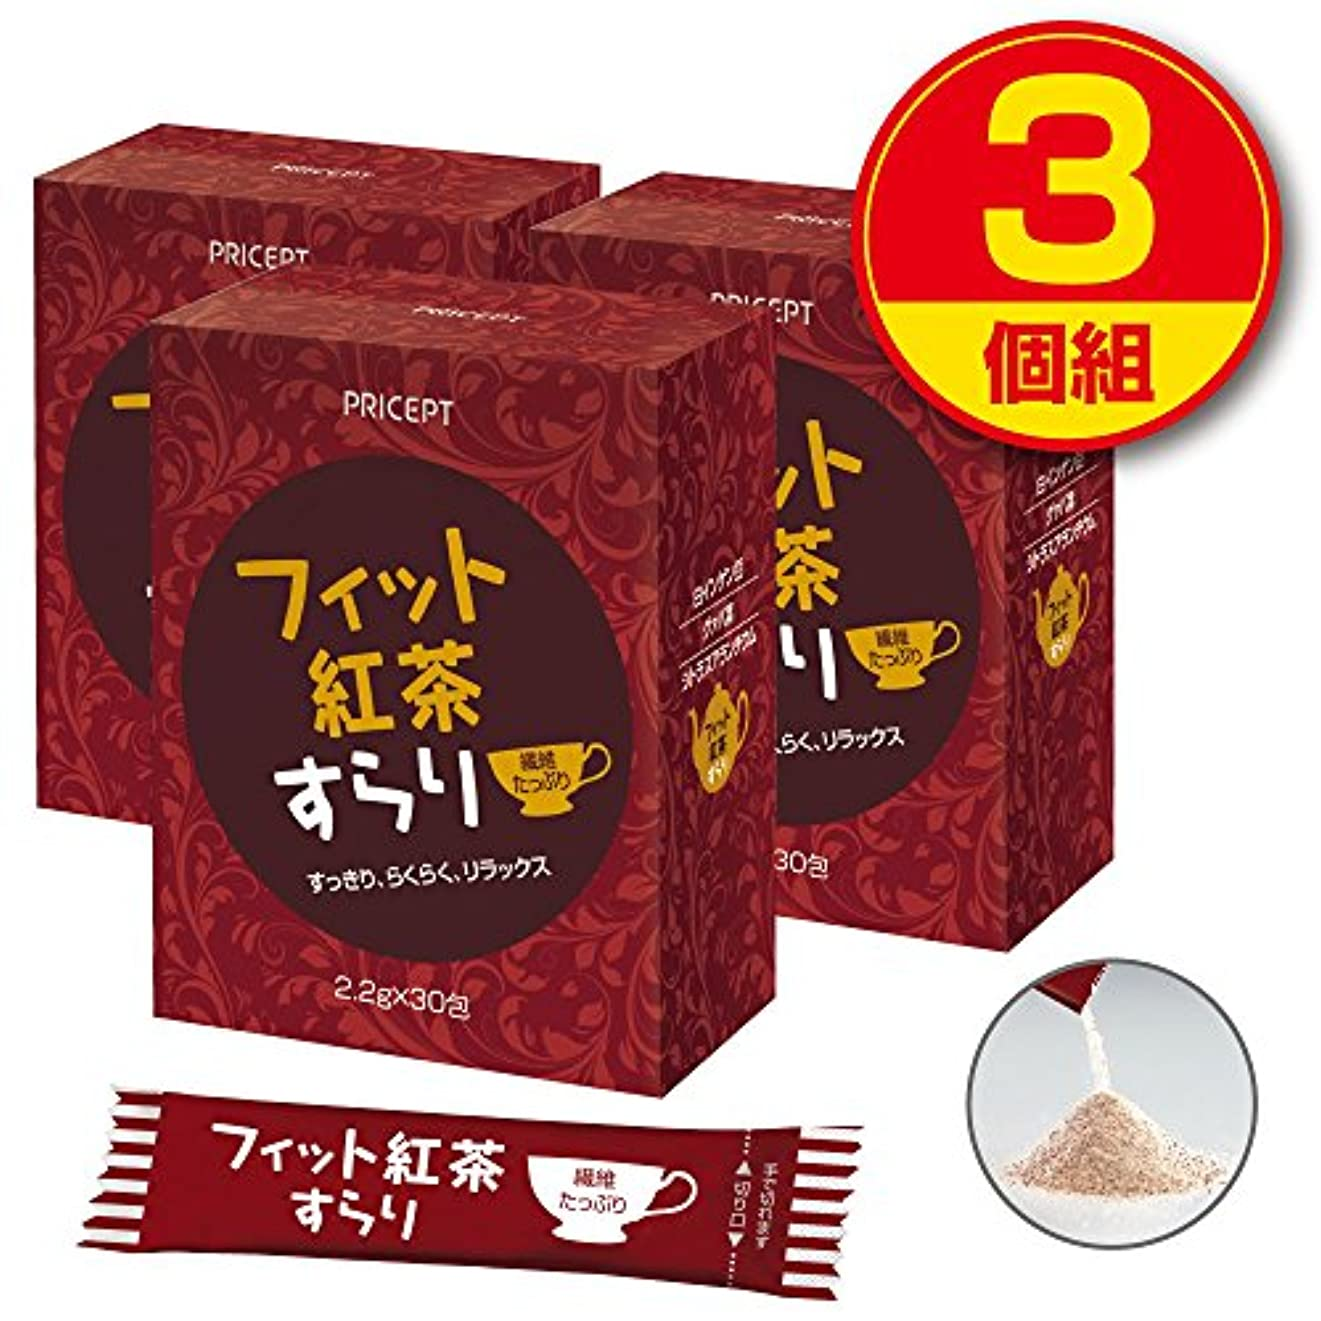 ぼかすただ息子プリセプト フィット紅茶すらり(30包)【3個組?90包】(食物繊維配合ダイエットサポート紅茶)